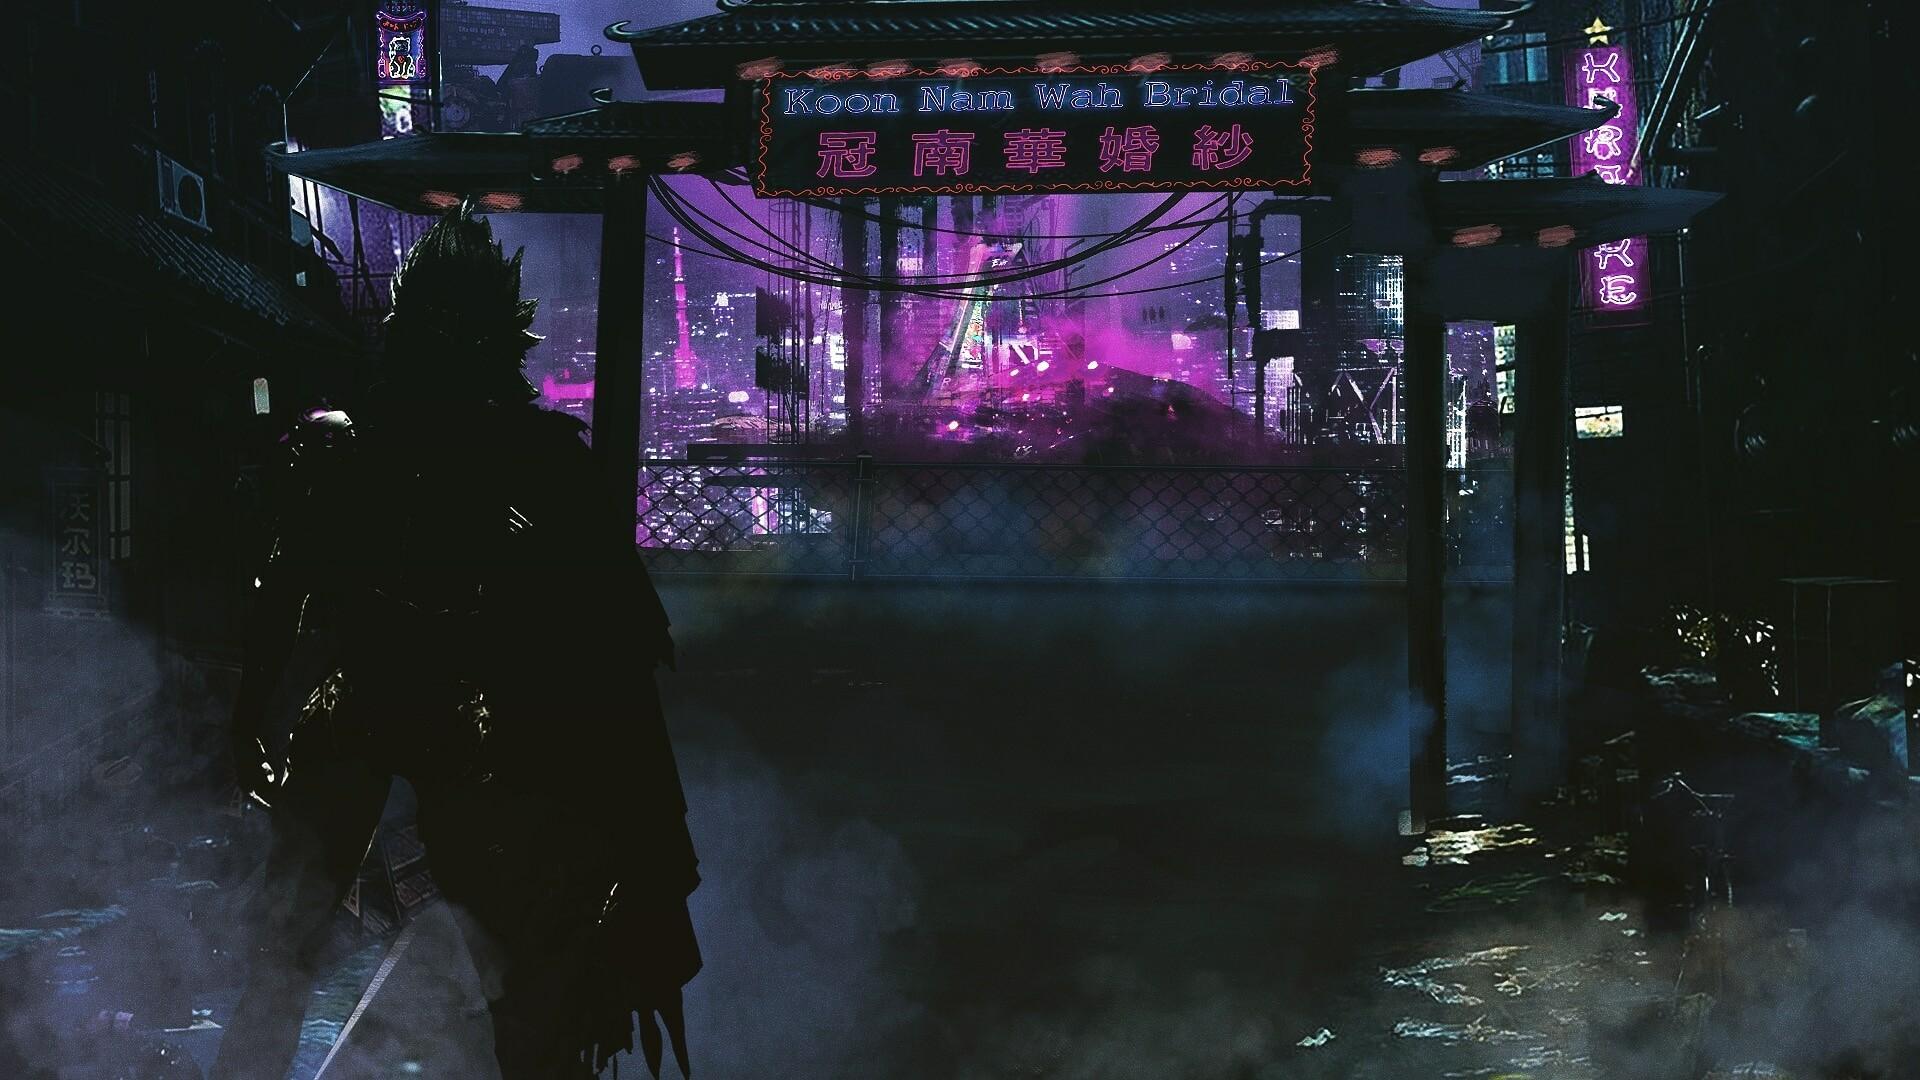 ArtStation - Sketch of a Sci-fi/Cyberpunk Neo Tokyo City